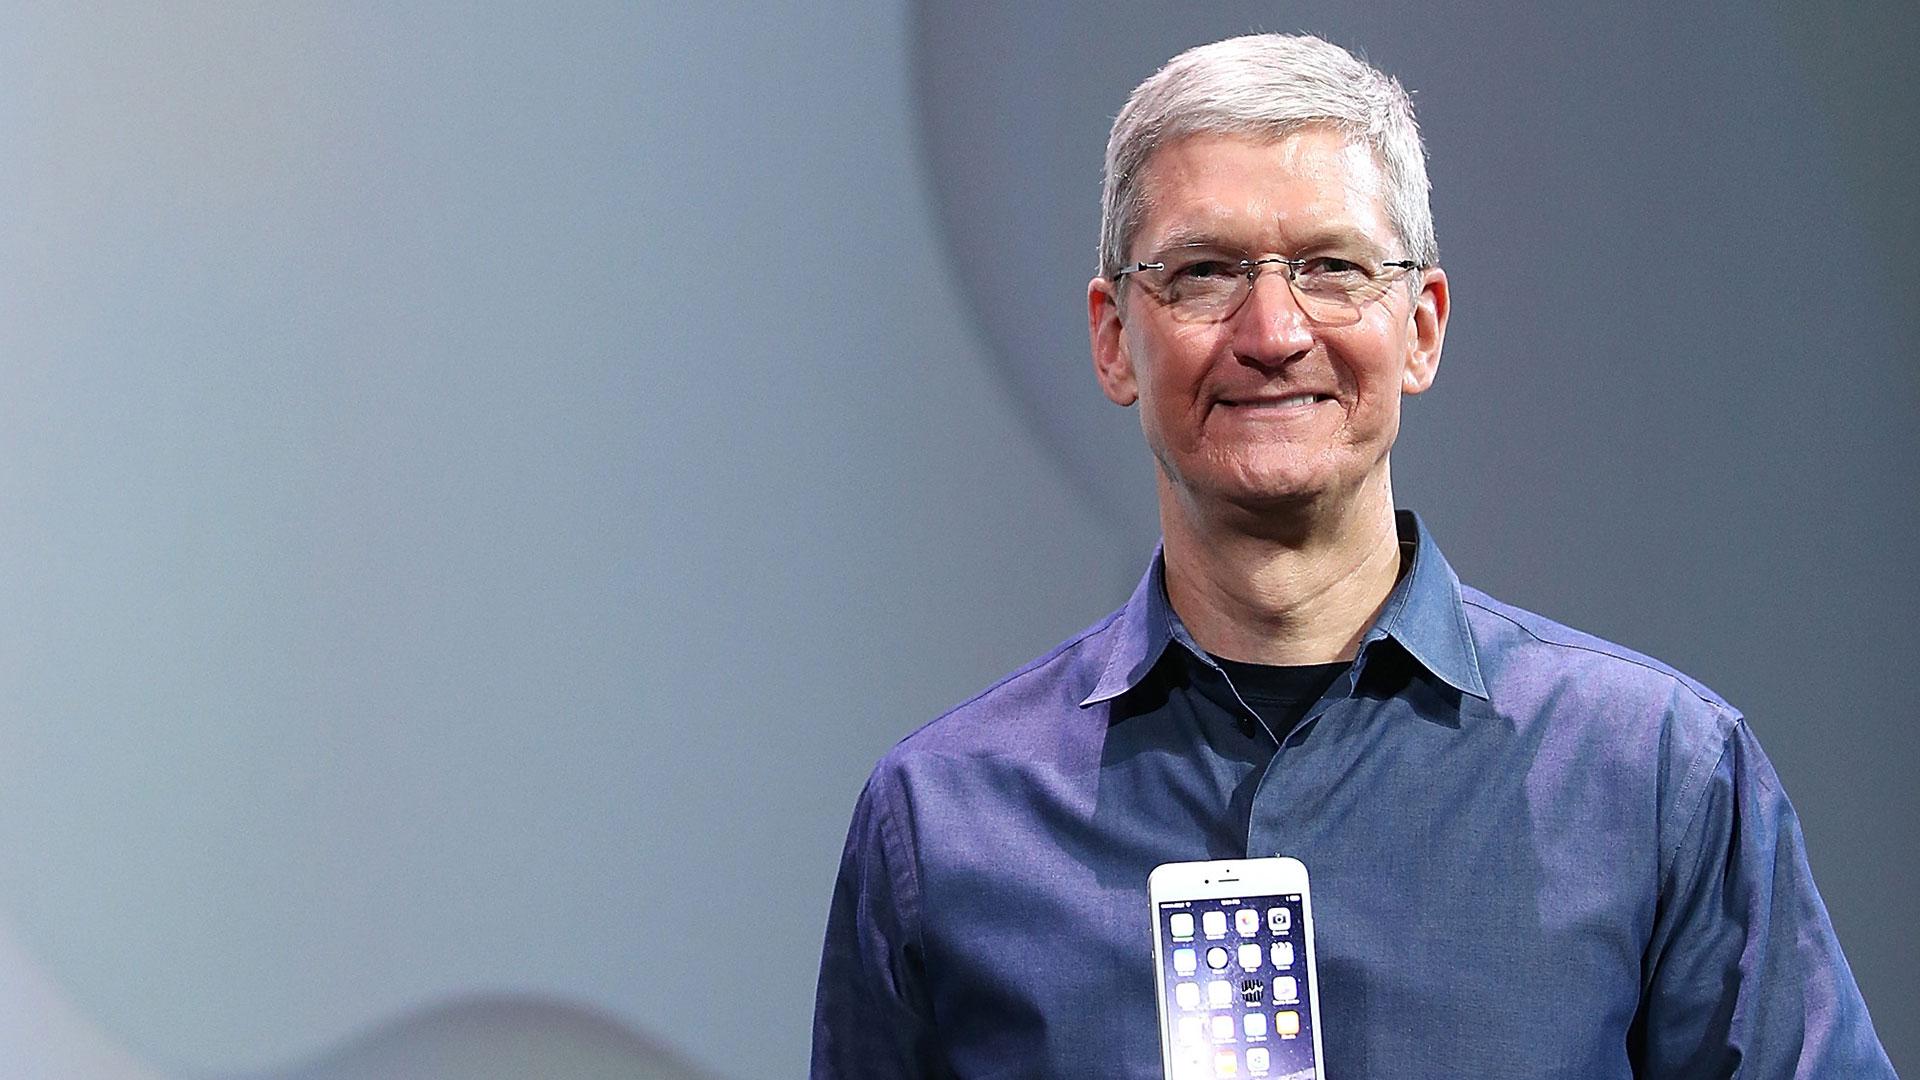 Apple liefert unglaubliche vierteljährliche Zahlen - STATE OF STATE